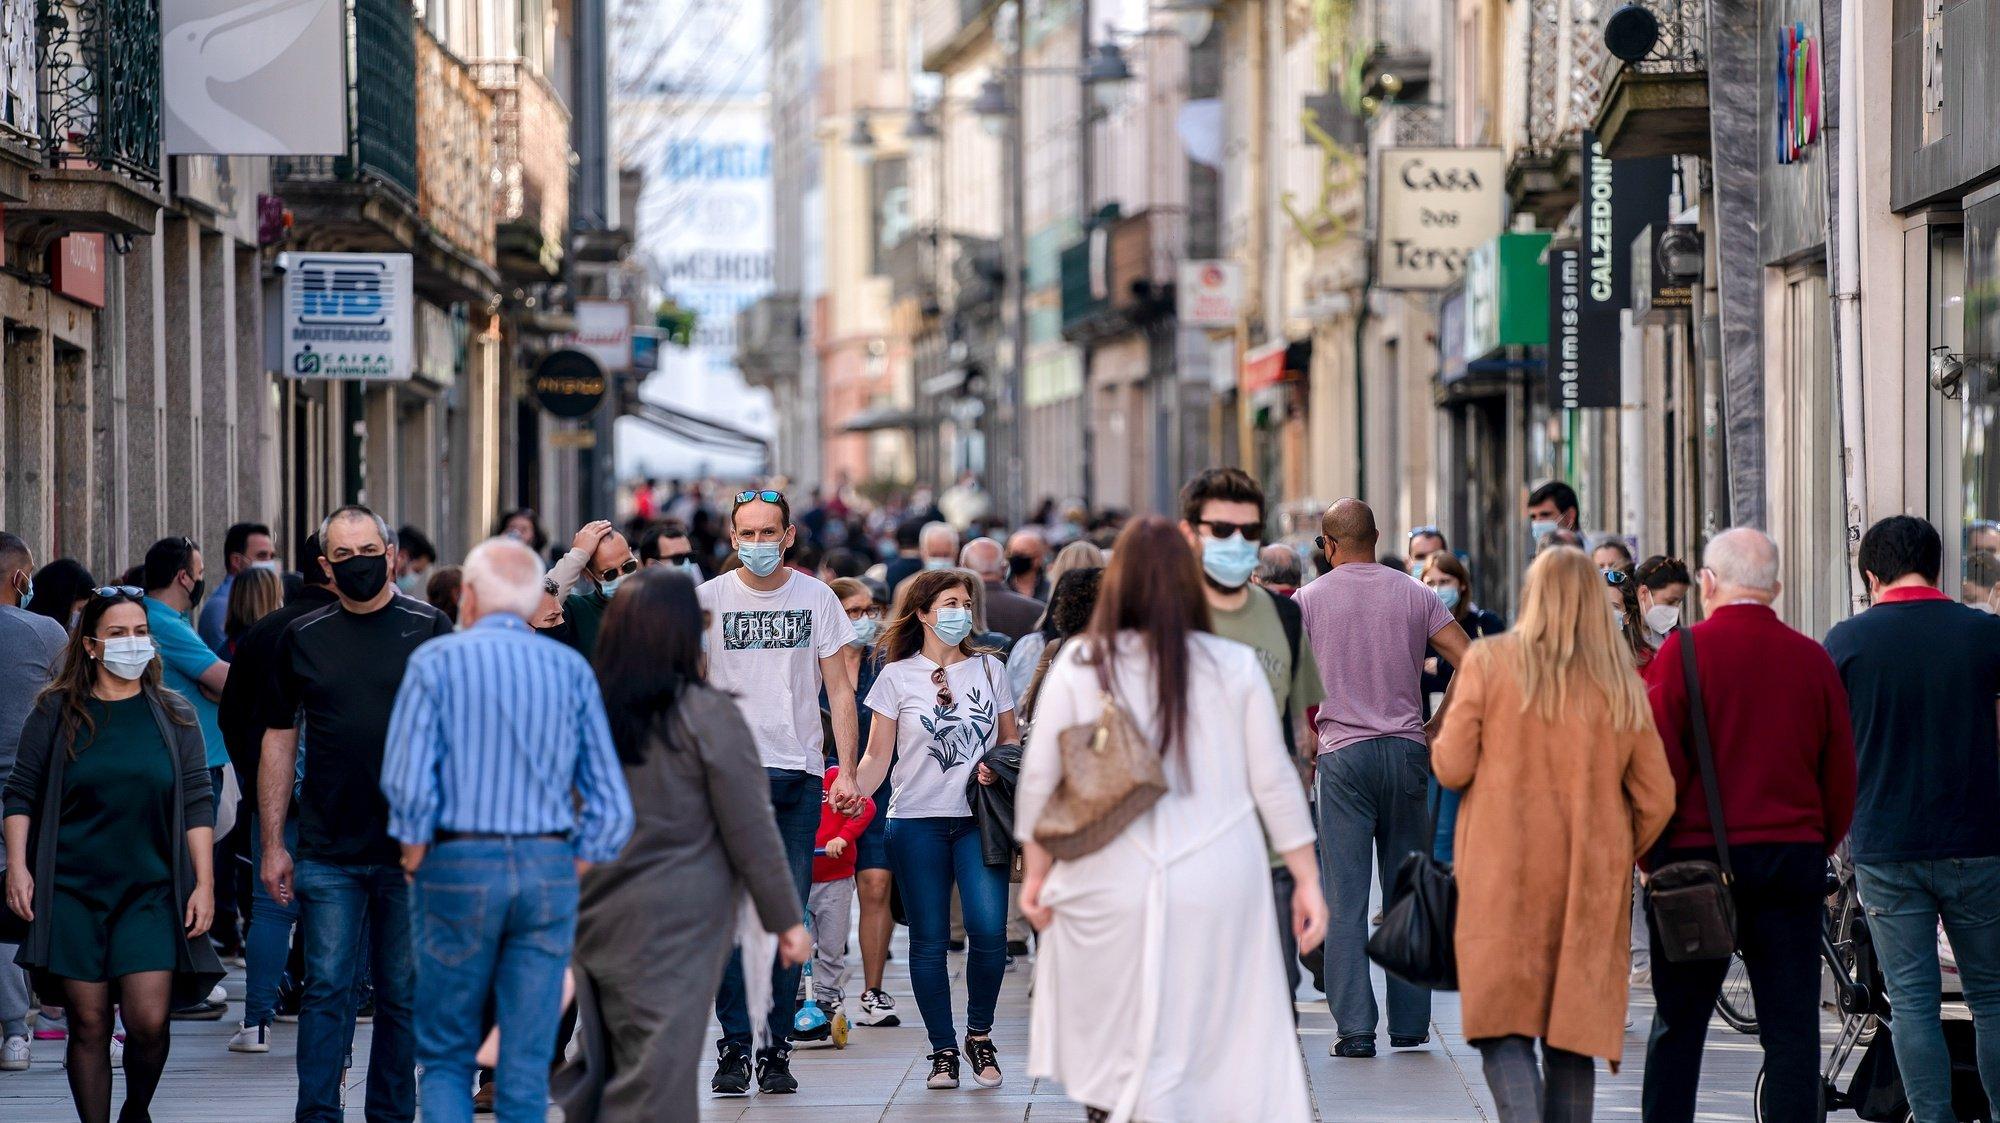 Pessoas nas ruas de Braga no âmbito do plano de desconfinamento de Portugal continental, Braga, 5 de abril de 2021. A decisão de avançar com a segunda fase do plano do Governo foi tomada na sexta-feira em Conselho de Ministros, depois de analisada a situação da pandemia em Portugal, em especial o índice de transmissibilidade (Rt) do vírus SARS-CoV-2 e a taxa de incidência de novos casos de covid-19. HUGO DELGADO/LUSA